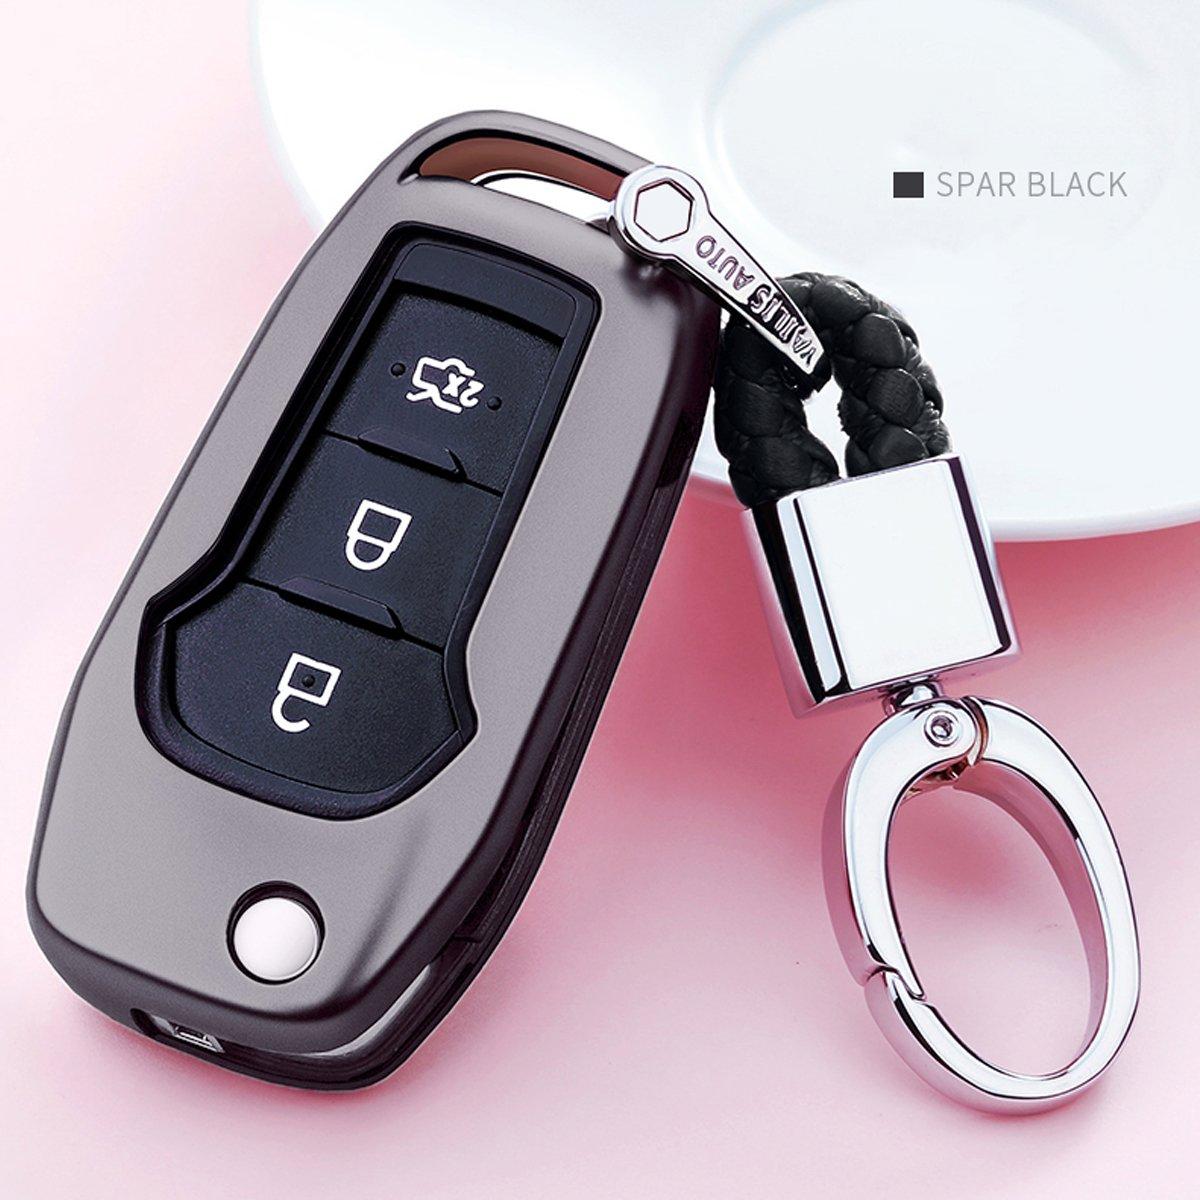 カイゼンキーレスエントリーリモートキーFobカバーソフトTPUケースwithダイヤモンドタッセルキーチェーンfor Ford MustangモンデオGalaxy Edgeレンジャー3-buttonsスマートキー Flip key cover+braided cord keychain ブラック TPUKC323 B07CNK2CWW Flip key cover+braided cord keychain|ブラック ブラック Flip key cover+braided cord keychain